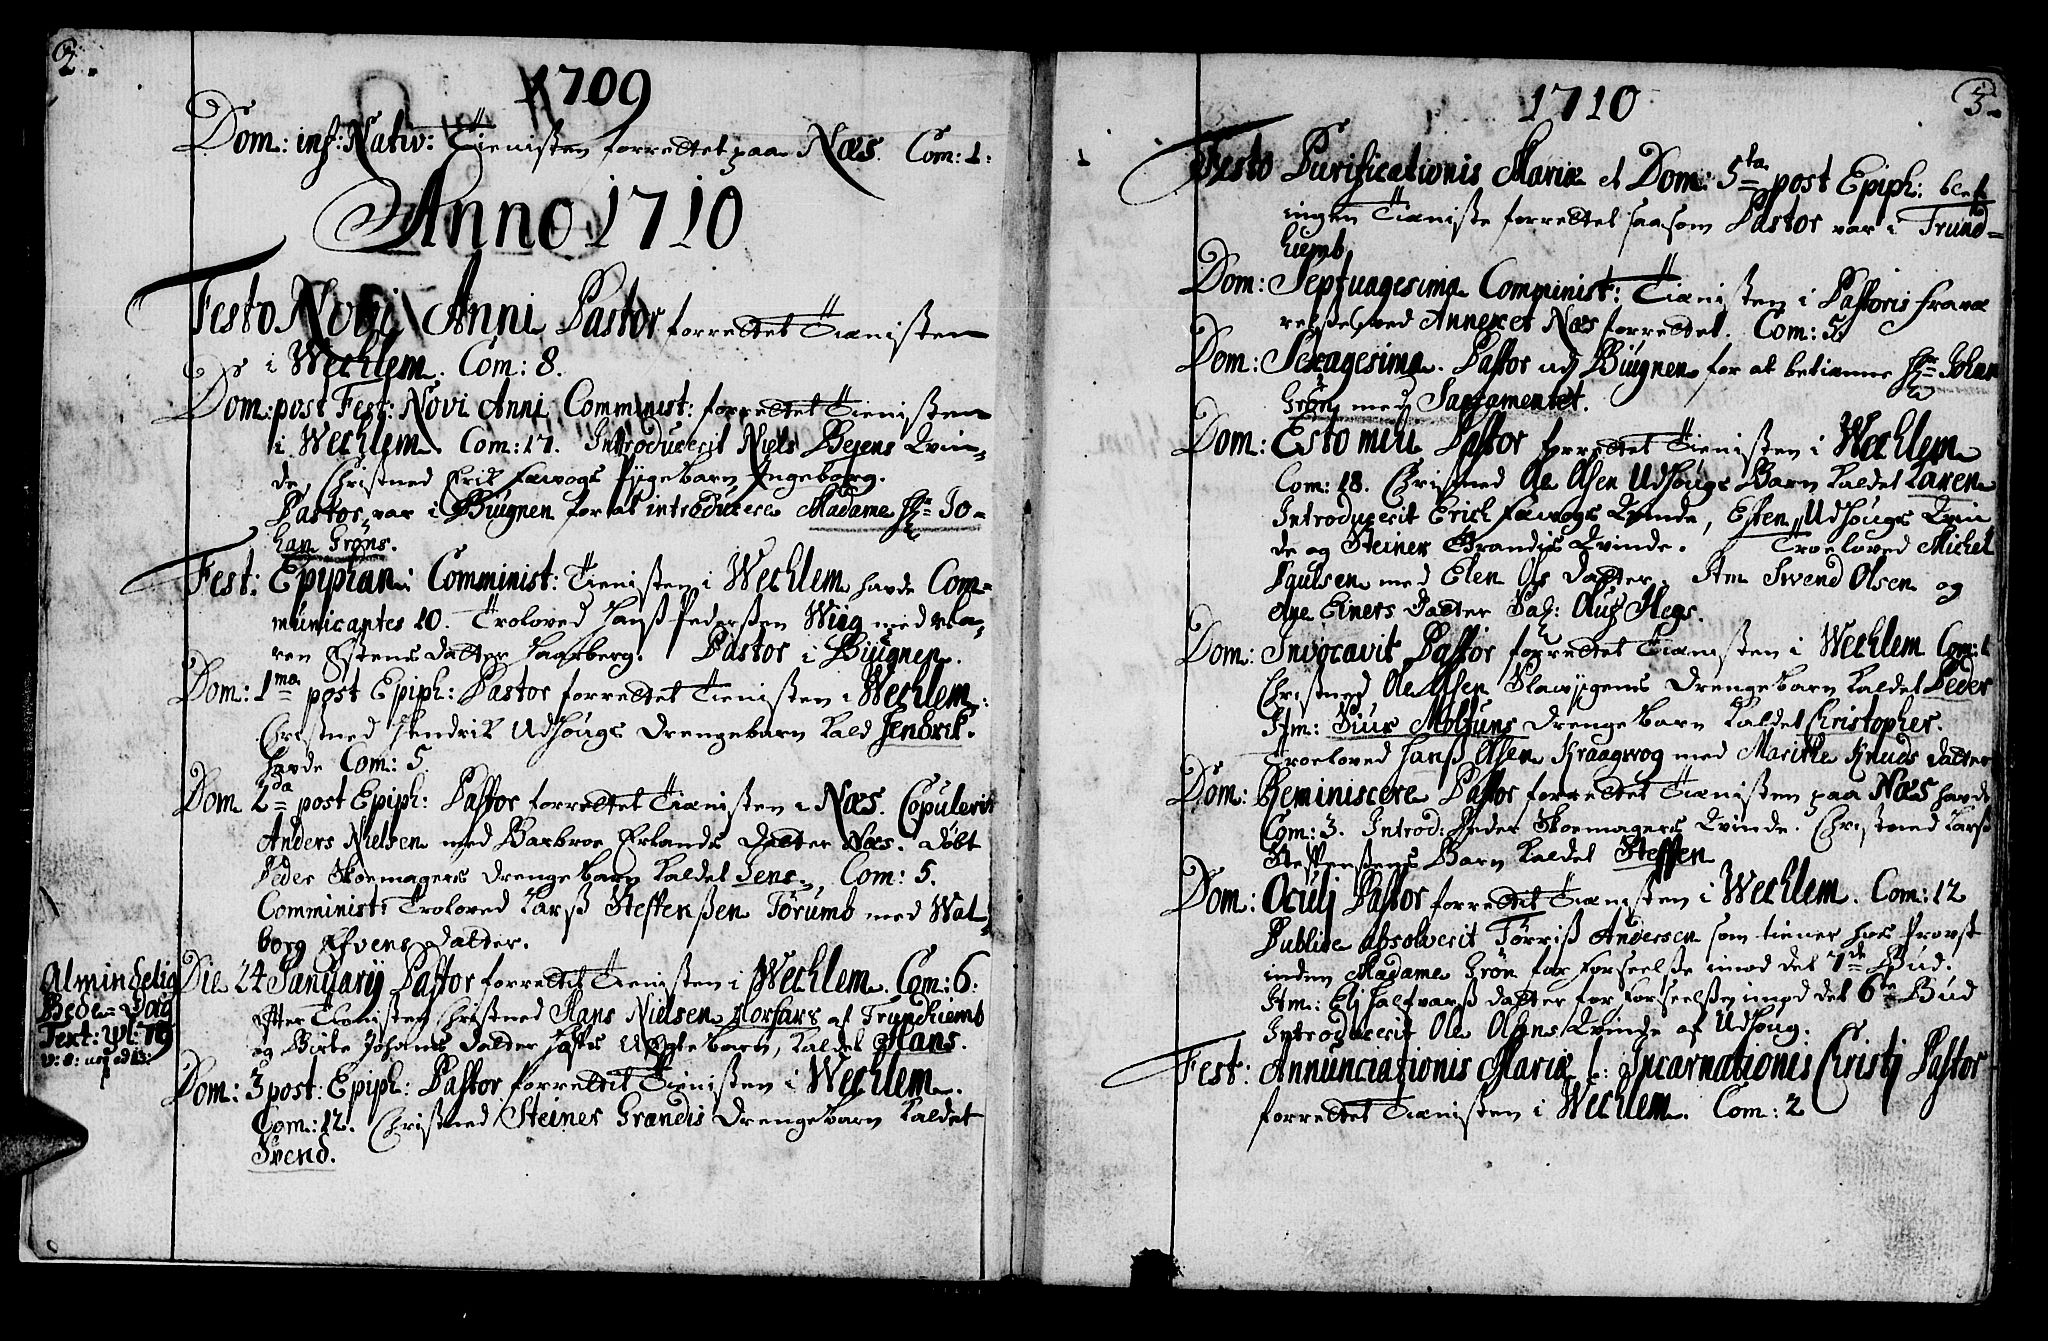 SAT, Ministerialprotokoller, klokkerbøker og fødselsregistre - Sør-Trøndelag, 659/L0731: Ministerialbok nr. 659A01, 1709-1731, s. 2-3